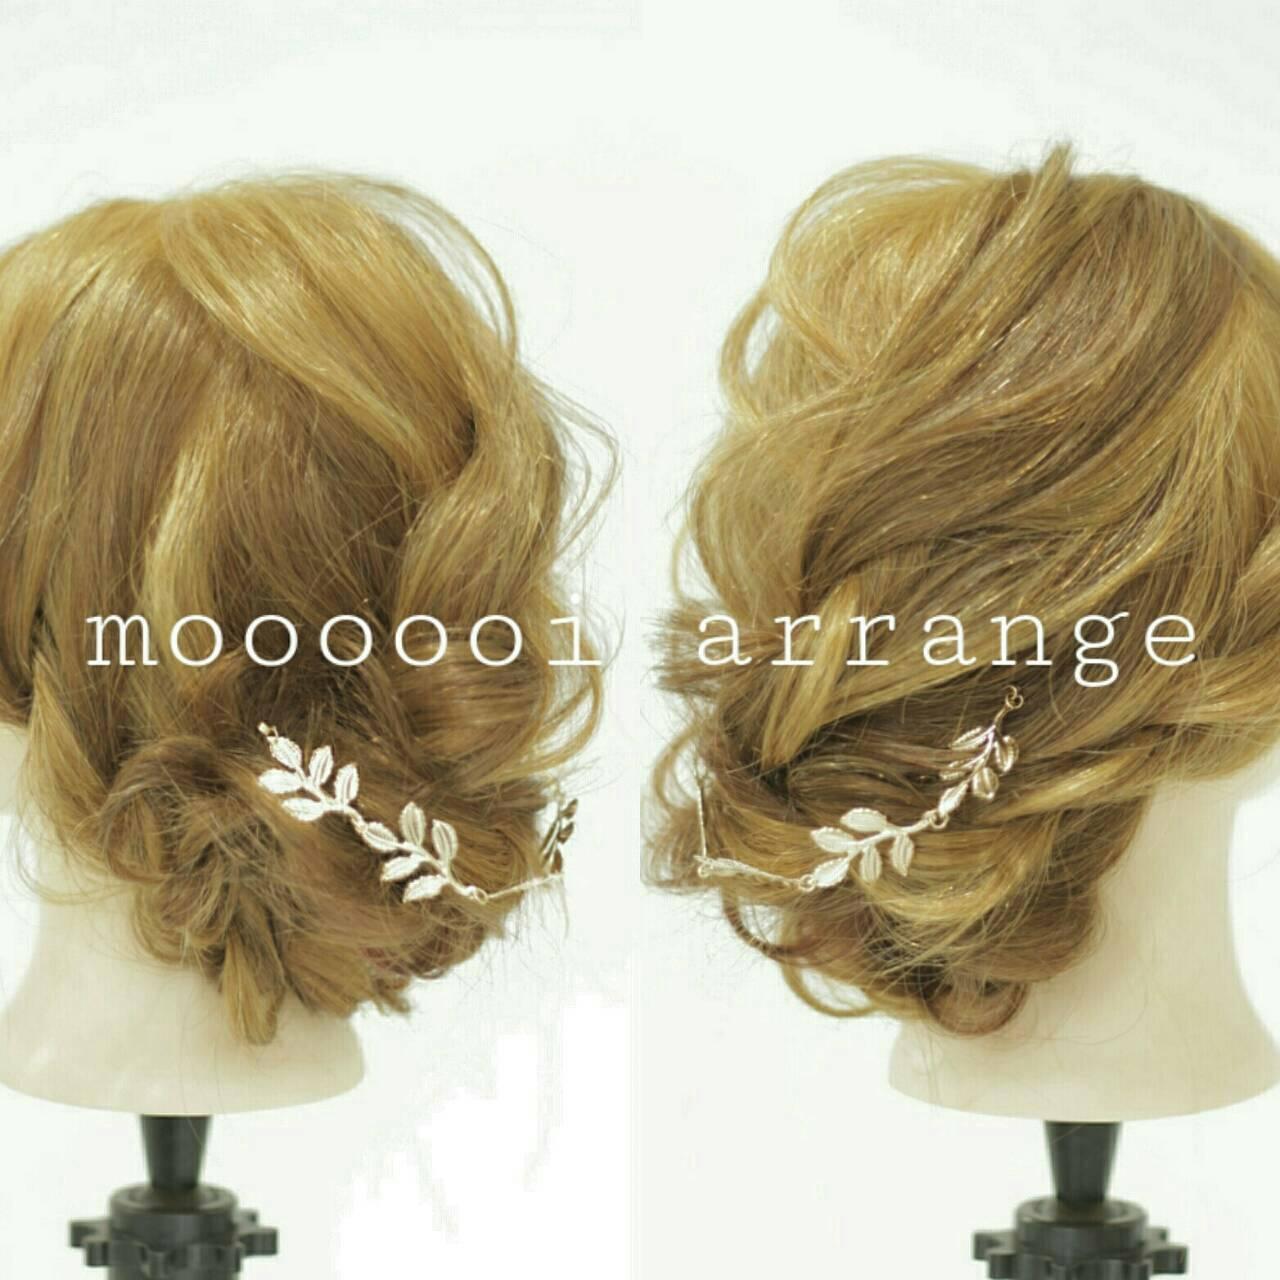 セミロング 編み込み ゆるふわ ツイストヘアスタイルや髪型の写真・画像